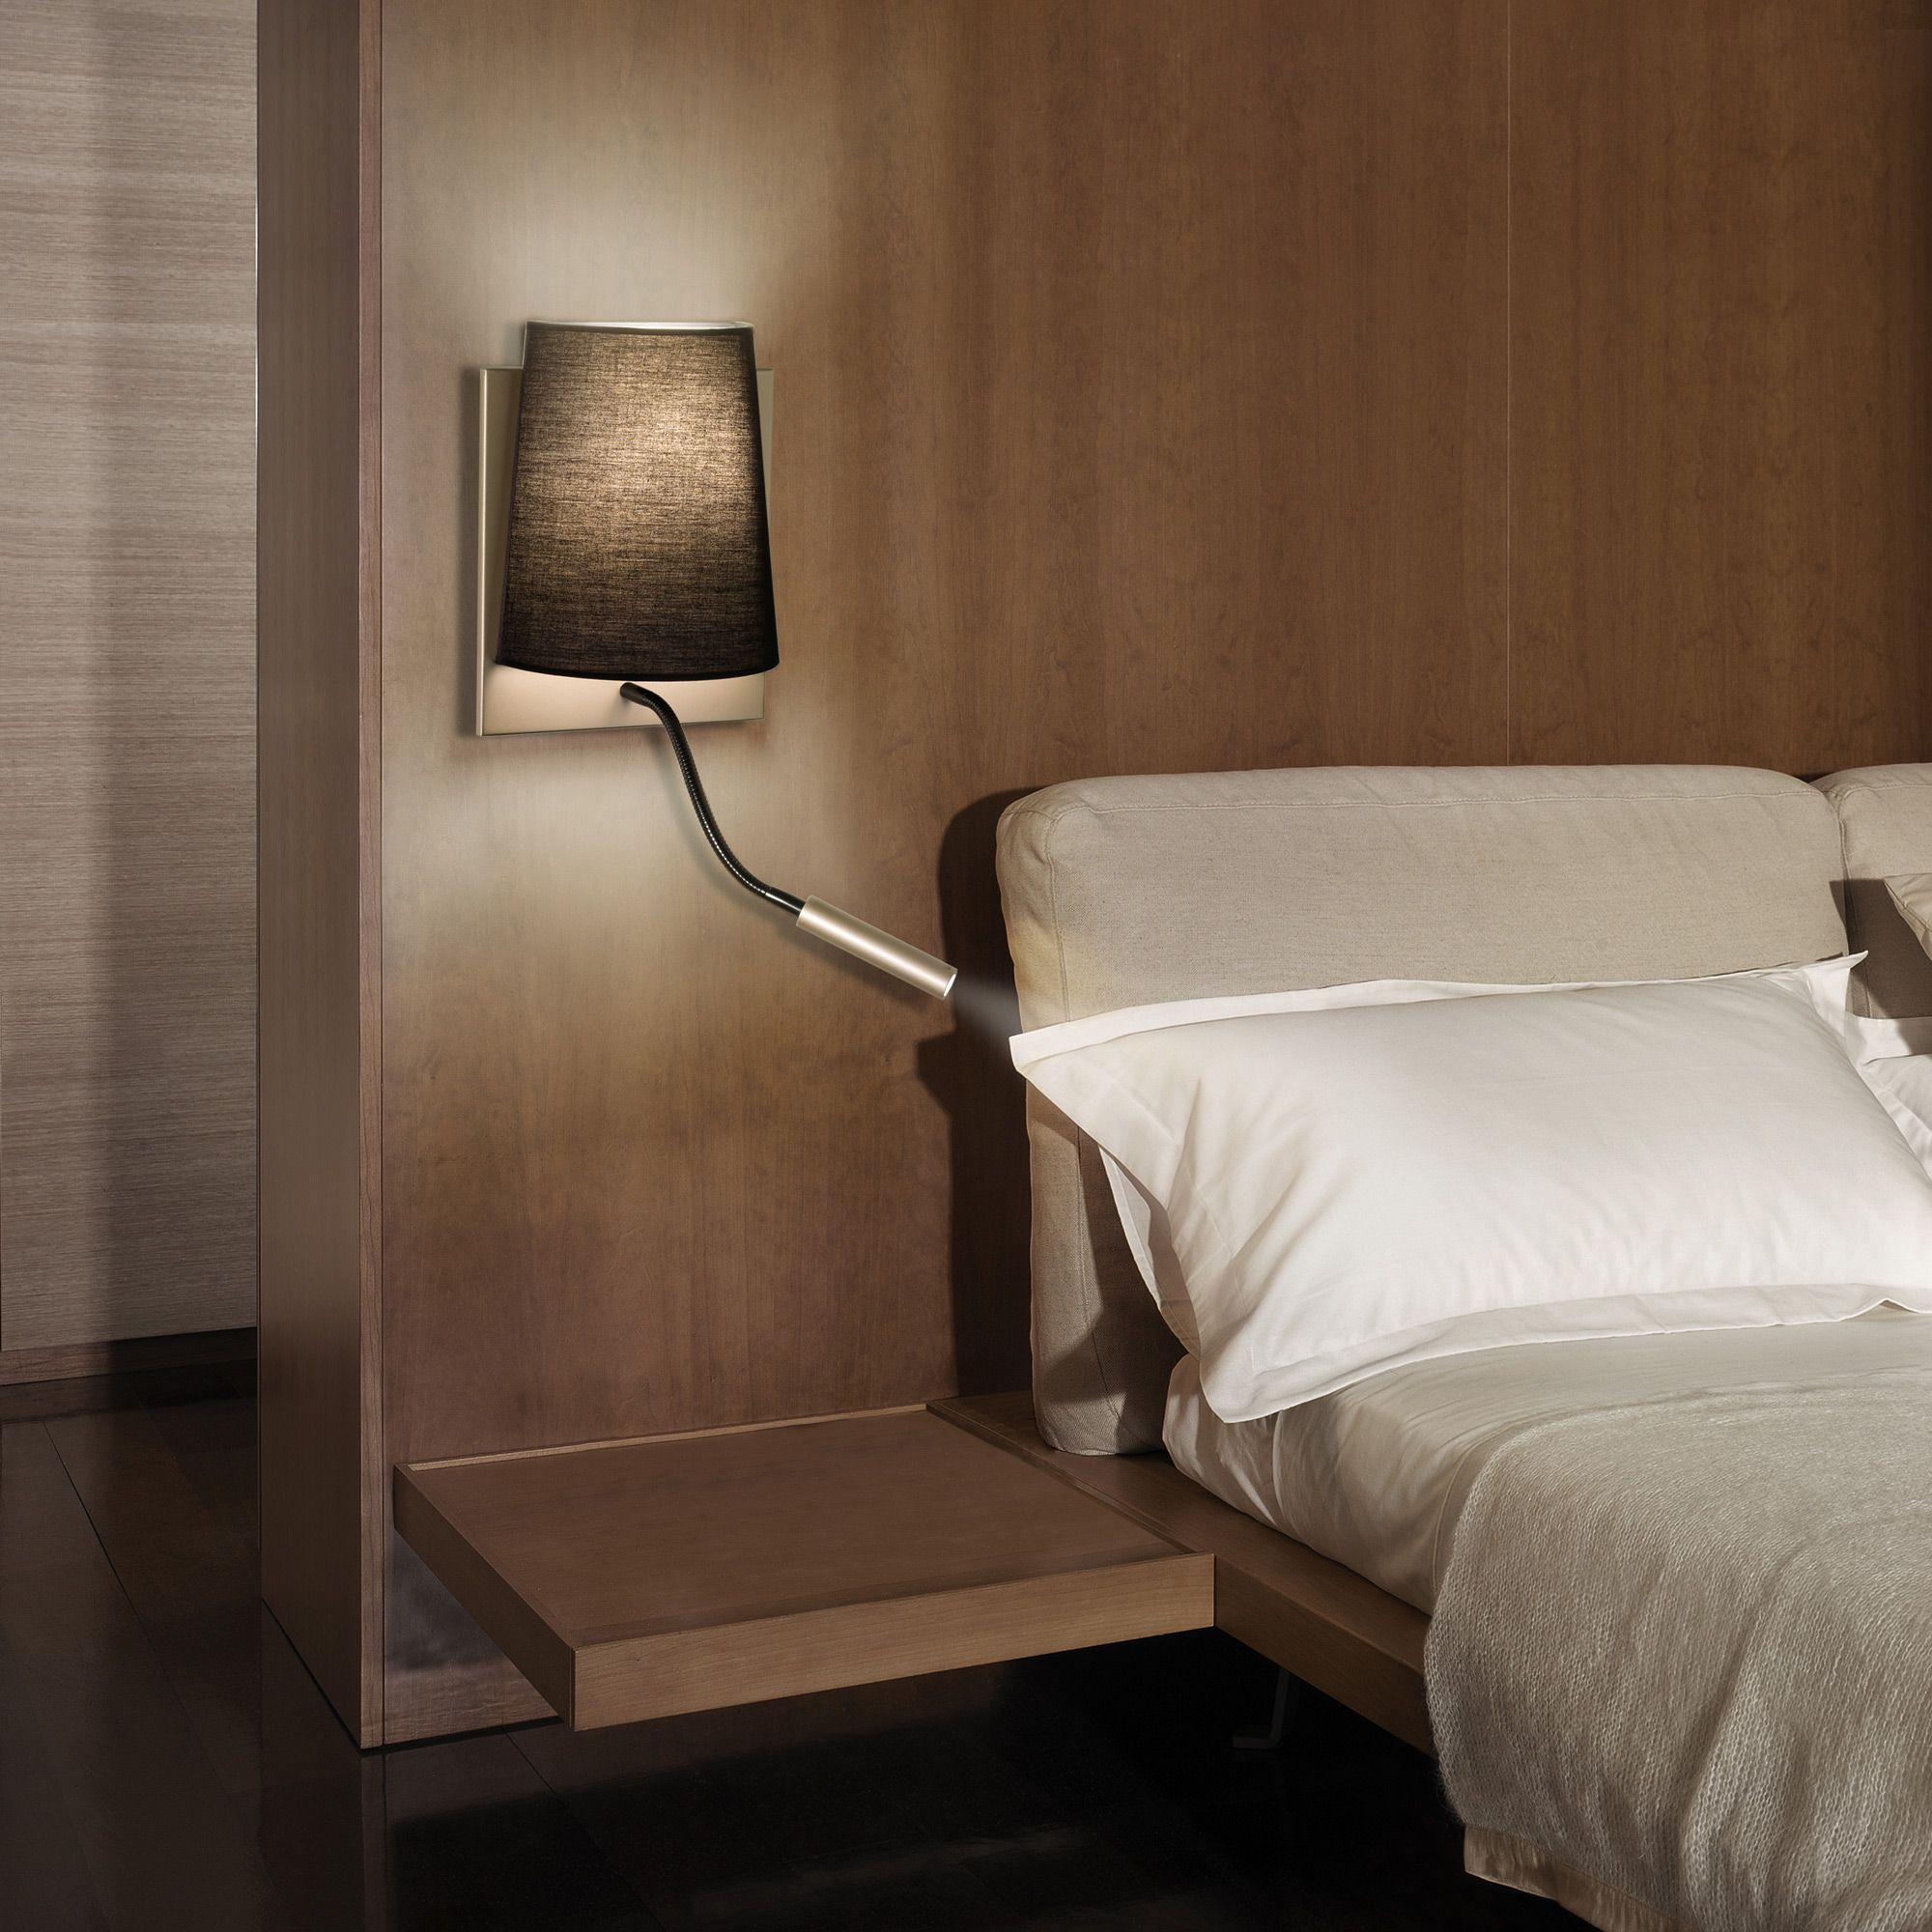 Applique Avec Liseuse Led En Metal Et Tissu Noir Hauteur 30cm Hotel Almalight Tete De Lit Design Liseuse Deco Chambre